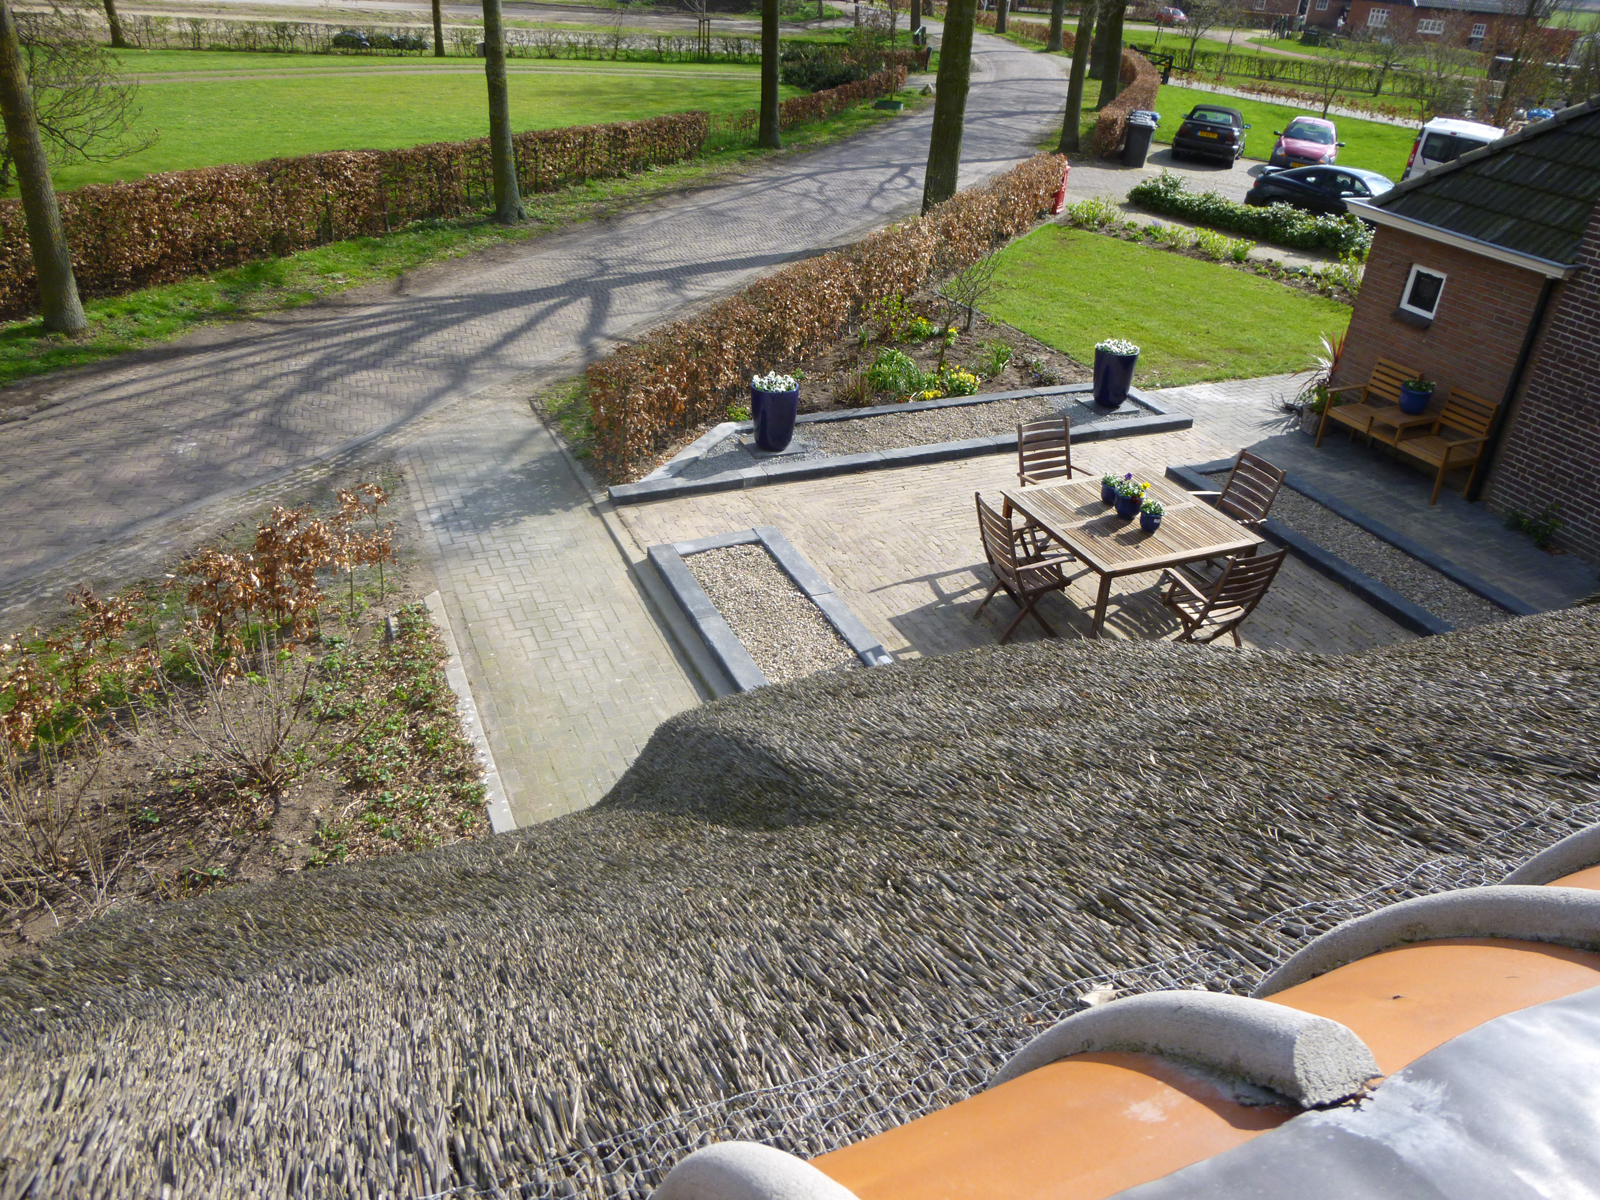 Kamer 2 buiten - Bed and breakfast Zwolle De Langenlee